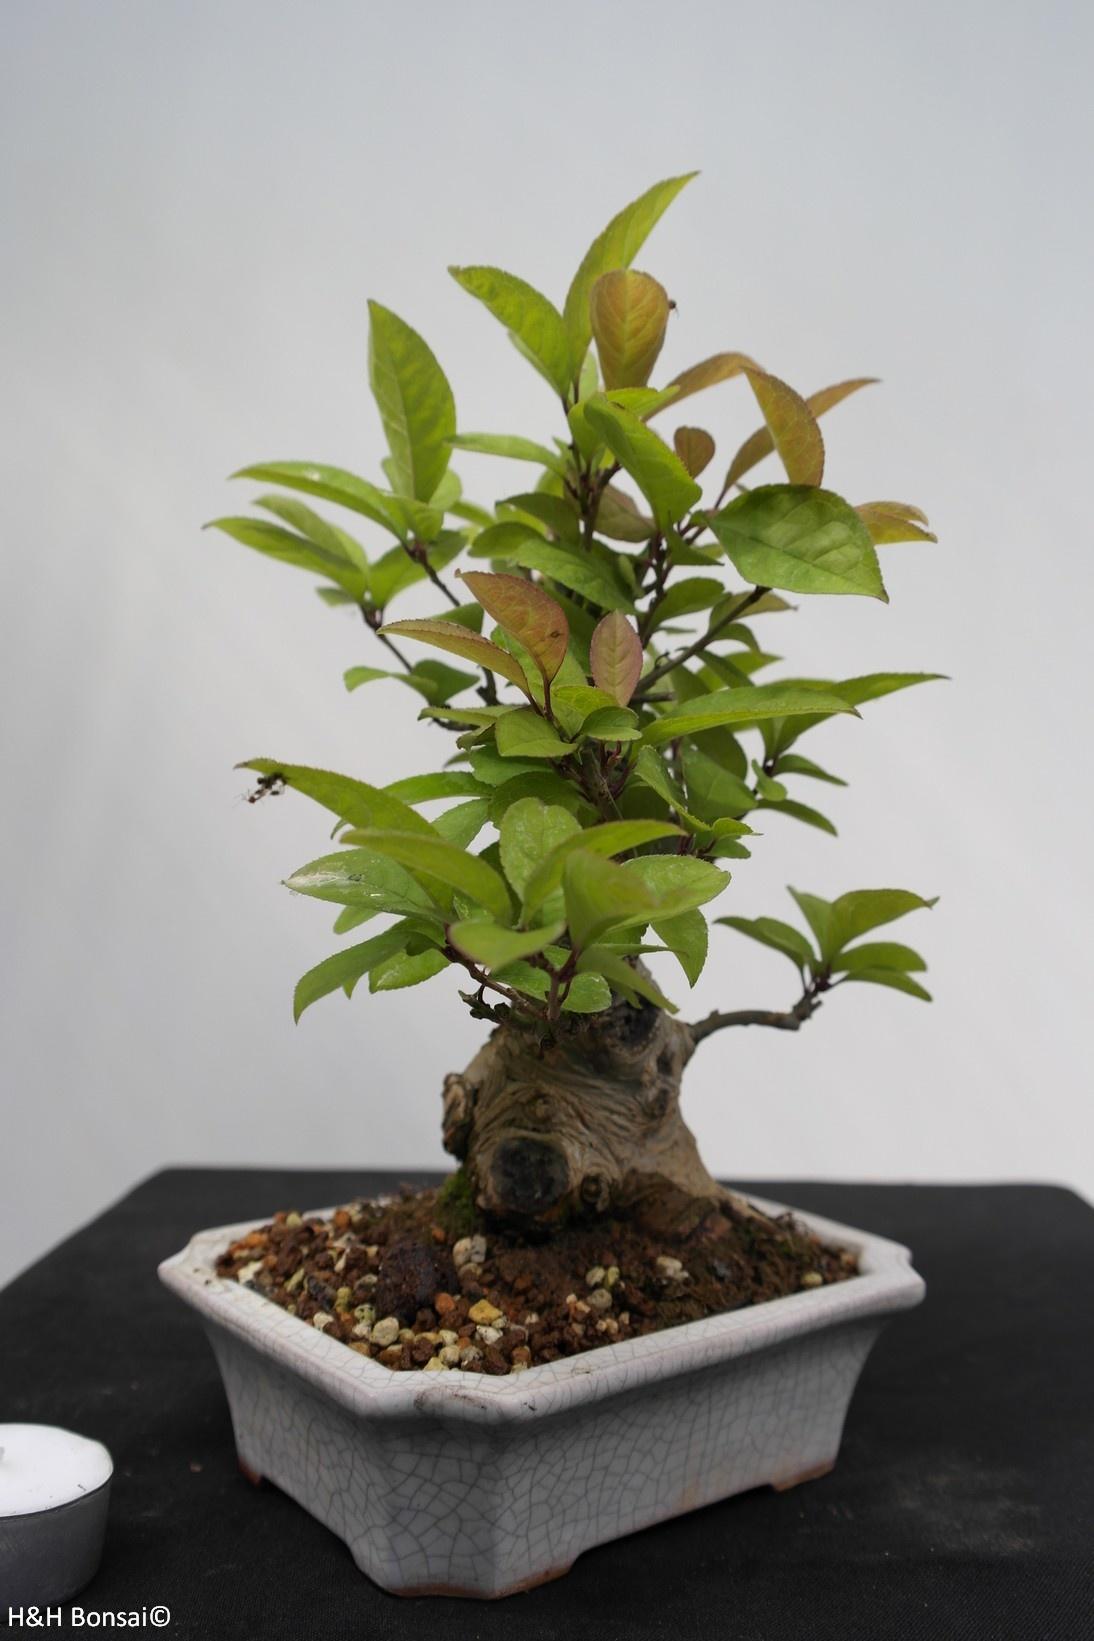 Bonsai Shohin Ilex serrata, no. 7781